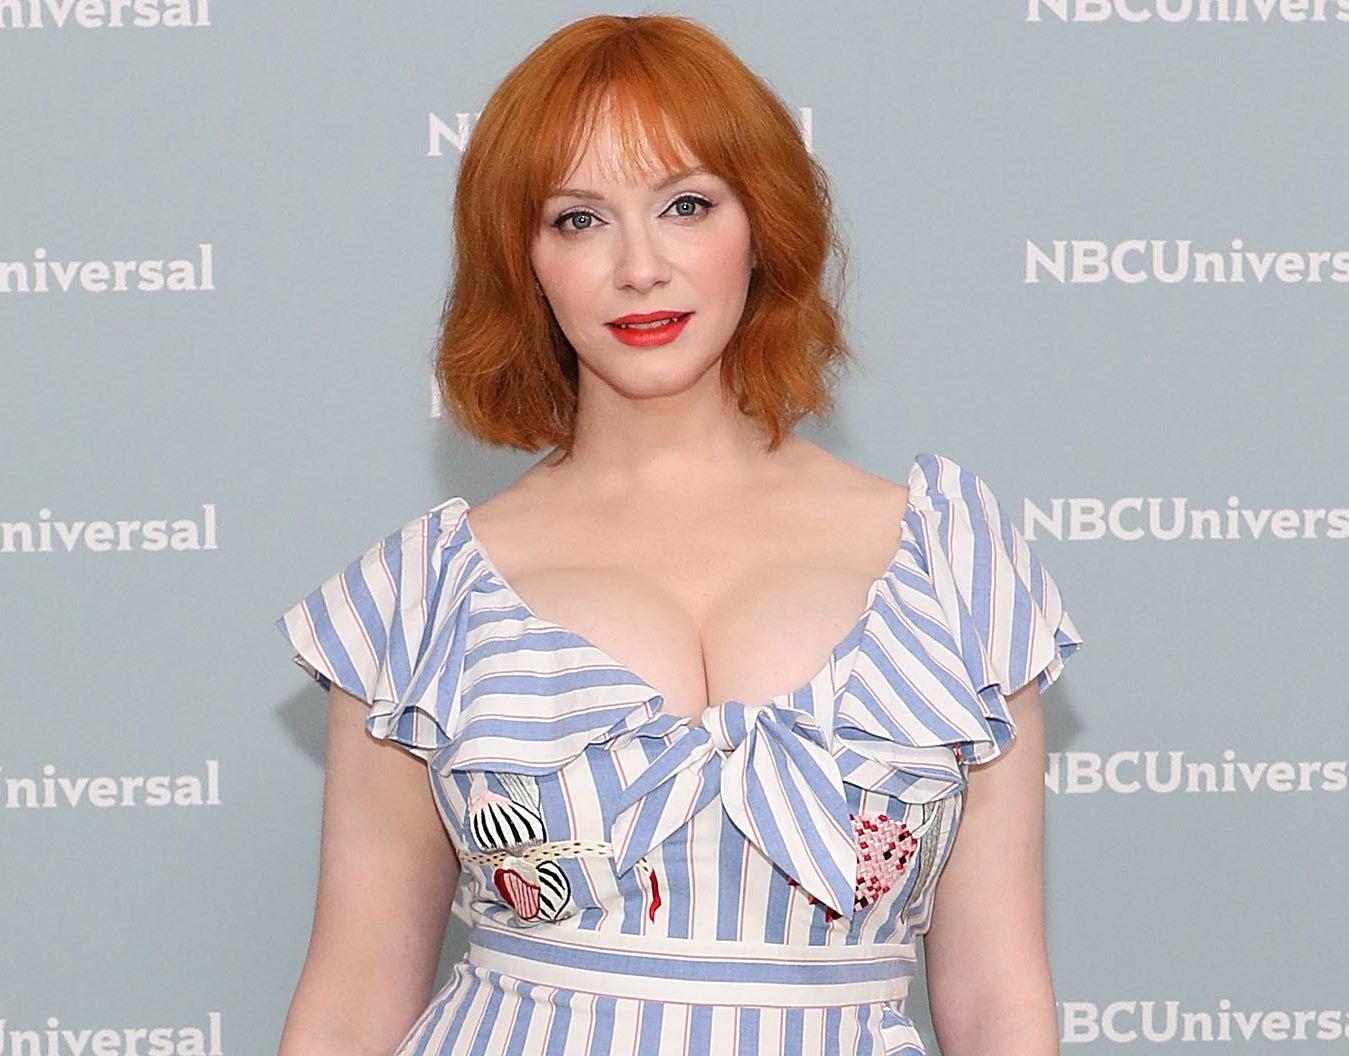 克里斯蒂娜穿着蓝色和白色的镶边